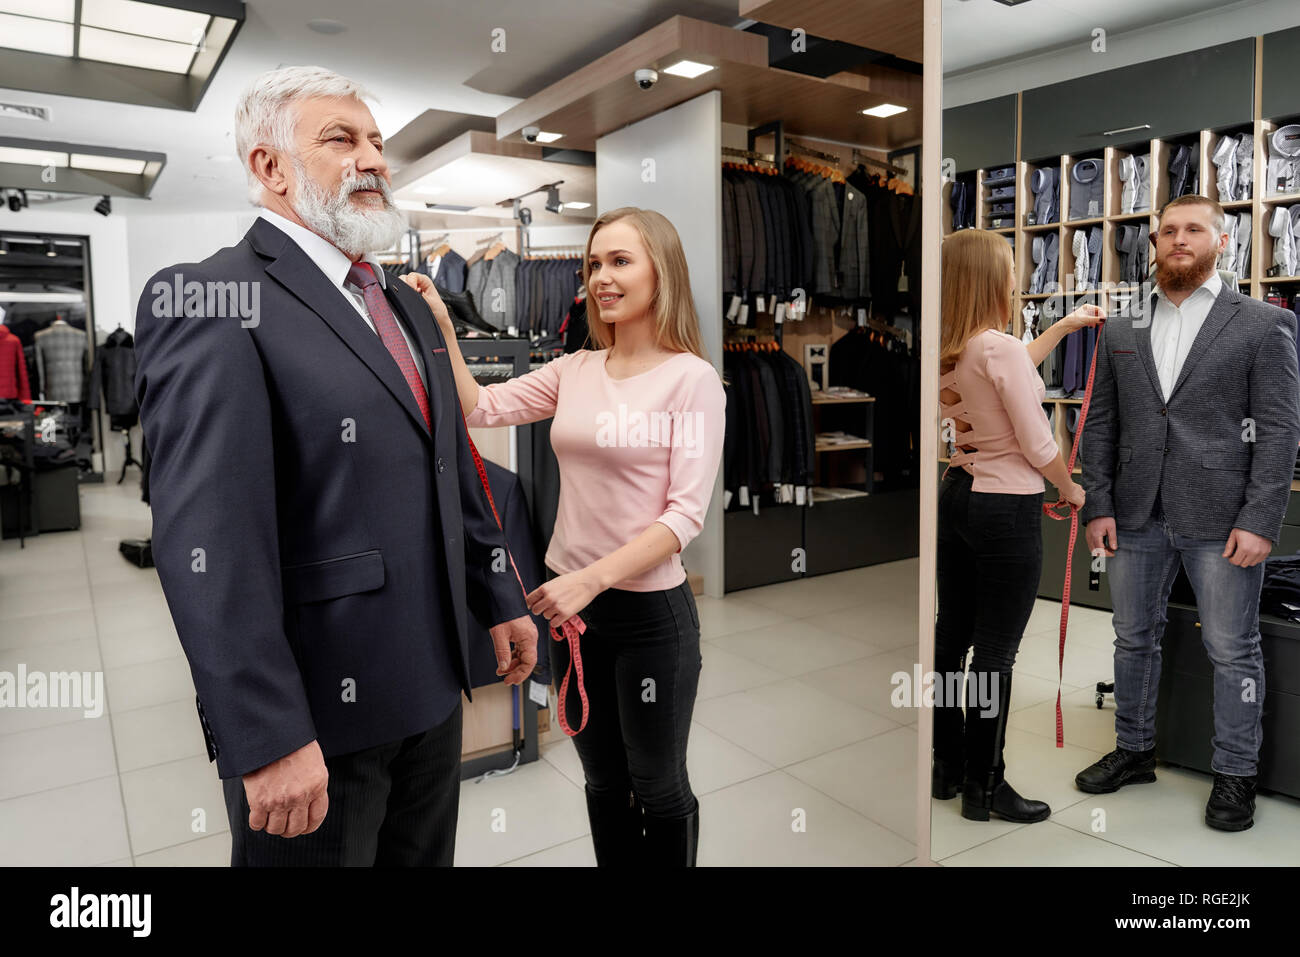 d747f96957 Boutique con ropa de hombre. Anciano tratando de traje clásico en tienda de  ropa cara.